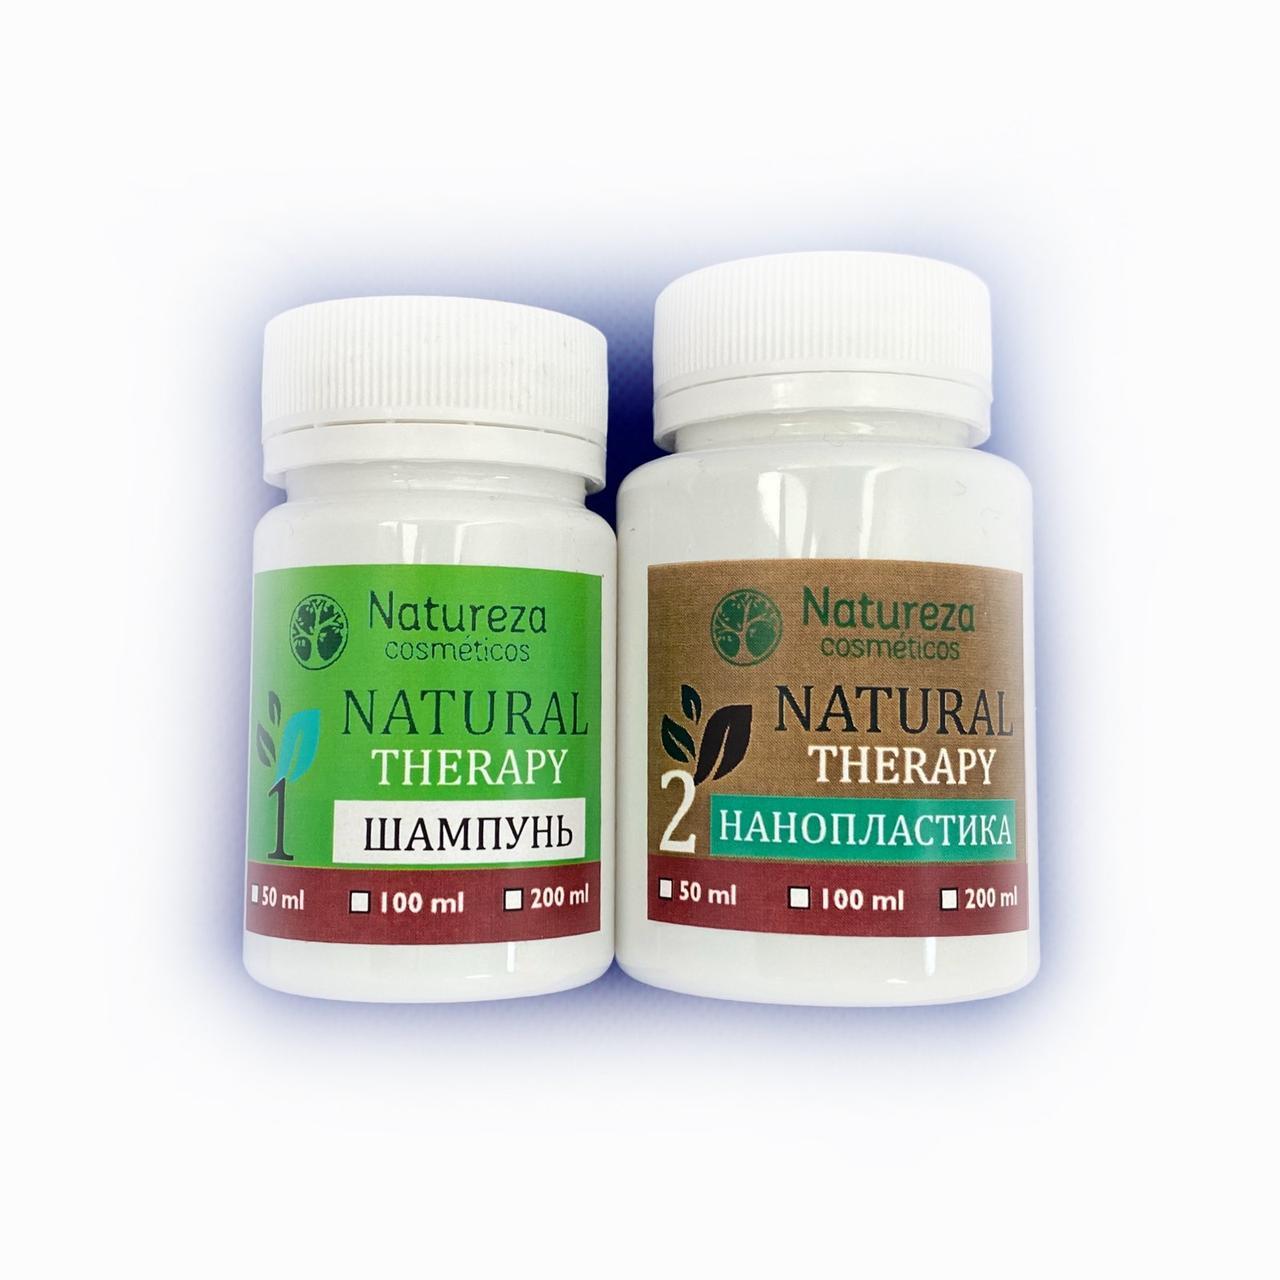 Нанопластика Natureza Natural Therapy Escova de Biotina, набор 30/50 мл